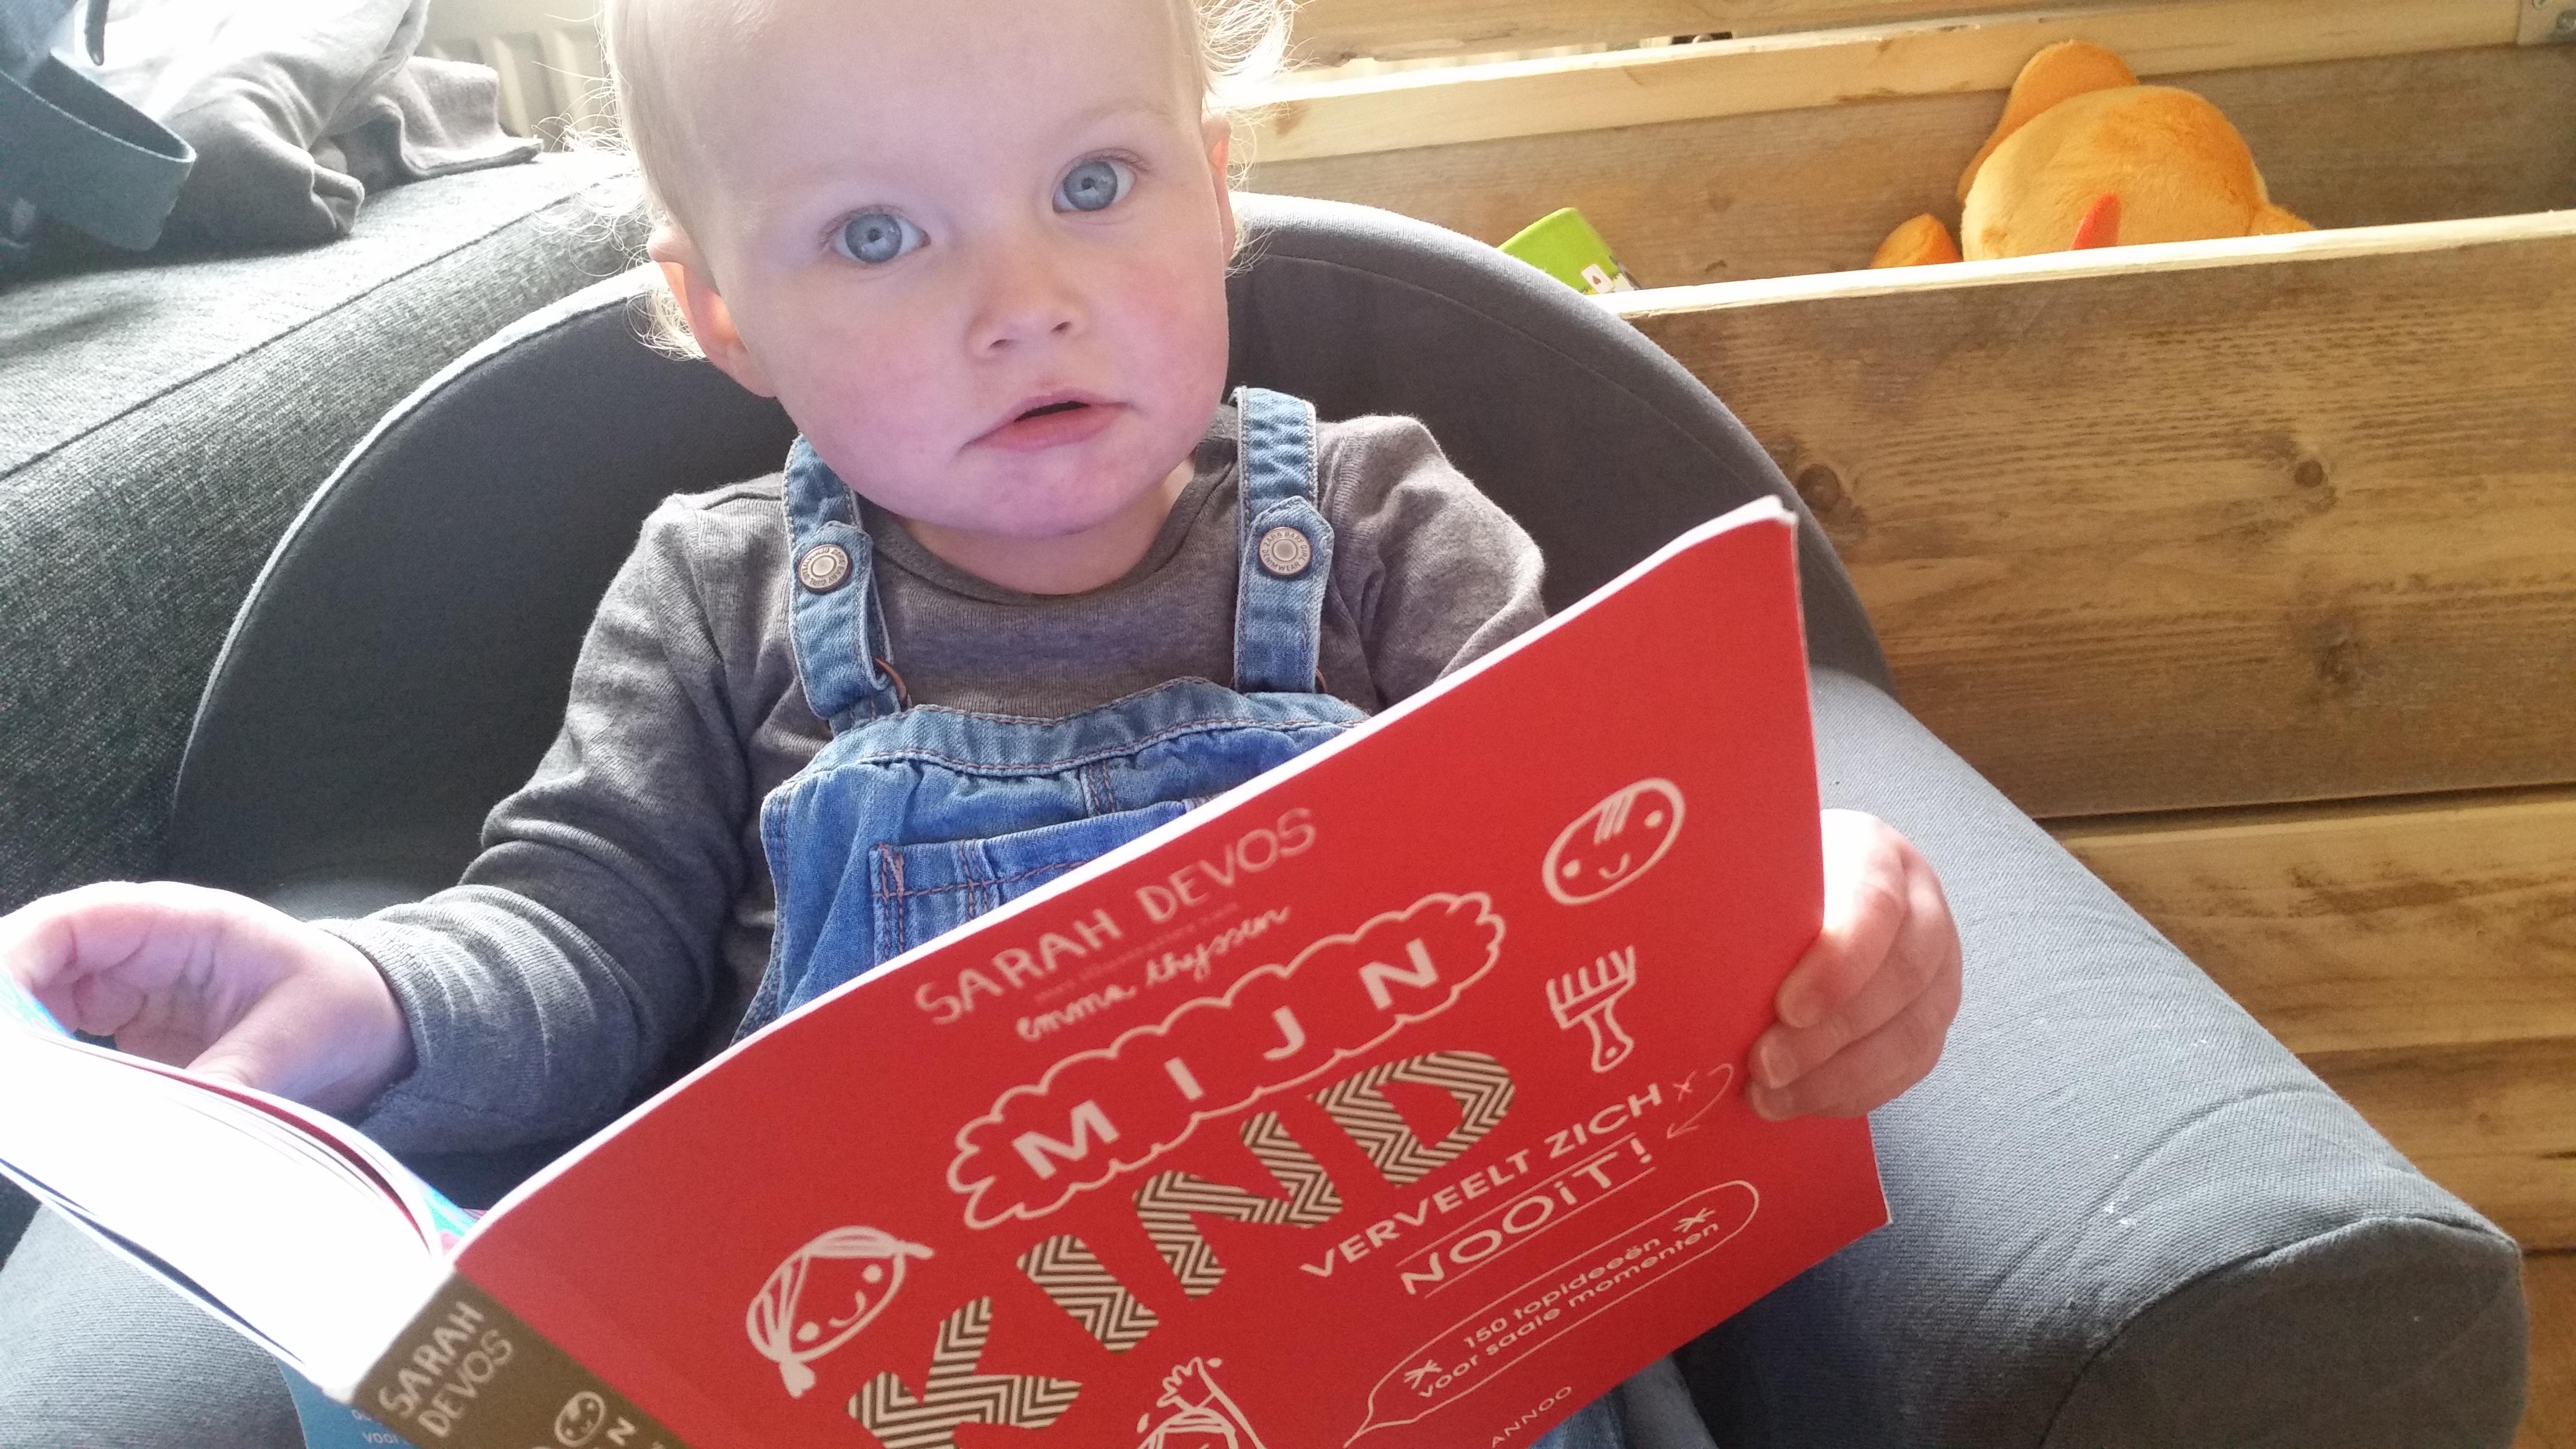 5-16-mijn-kind-verveelt-zich-nooit-kinderen-vervelen-leuke-ideeën-binnen-buiten-activiteiten-nanny-moeder-amsterdam-baby